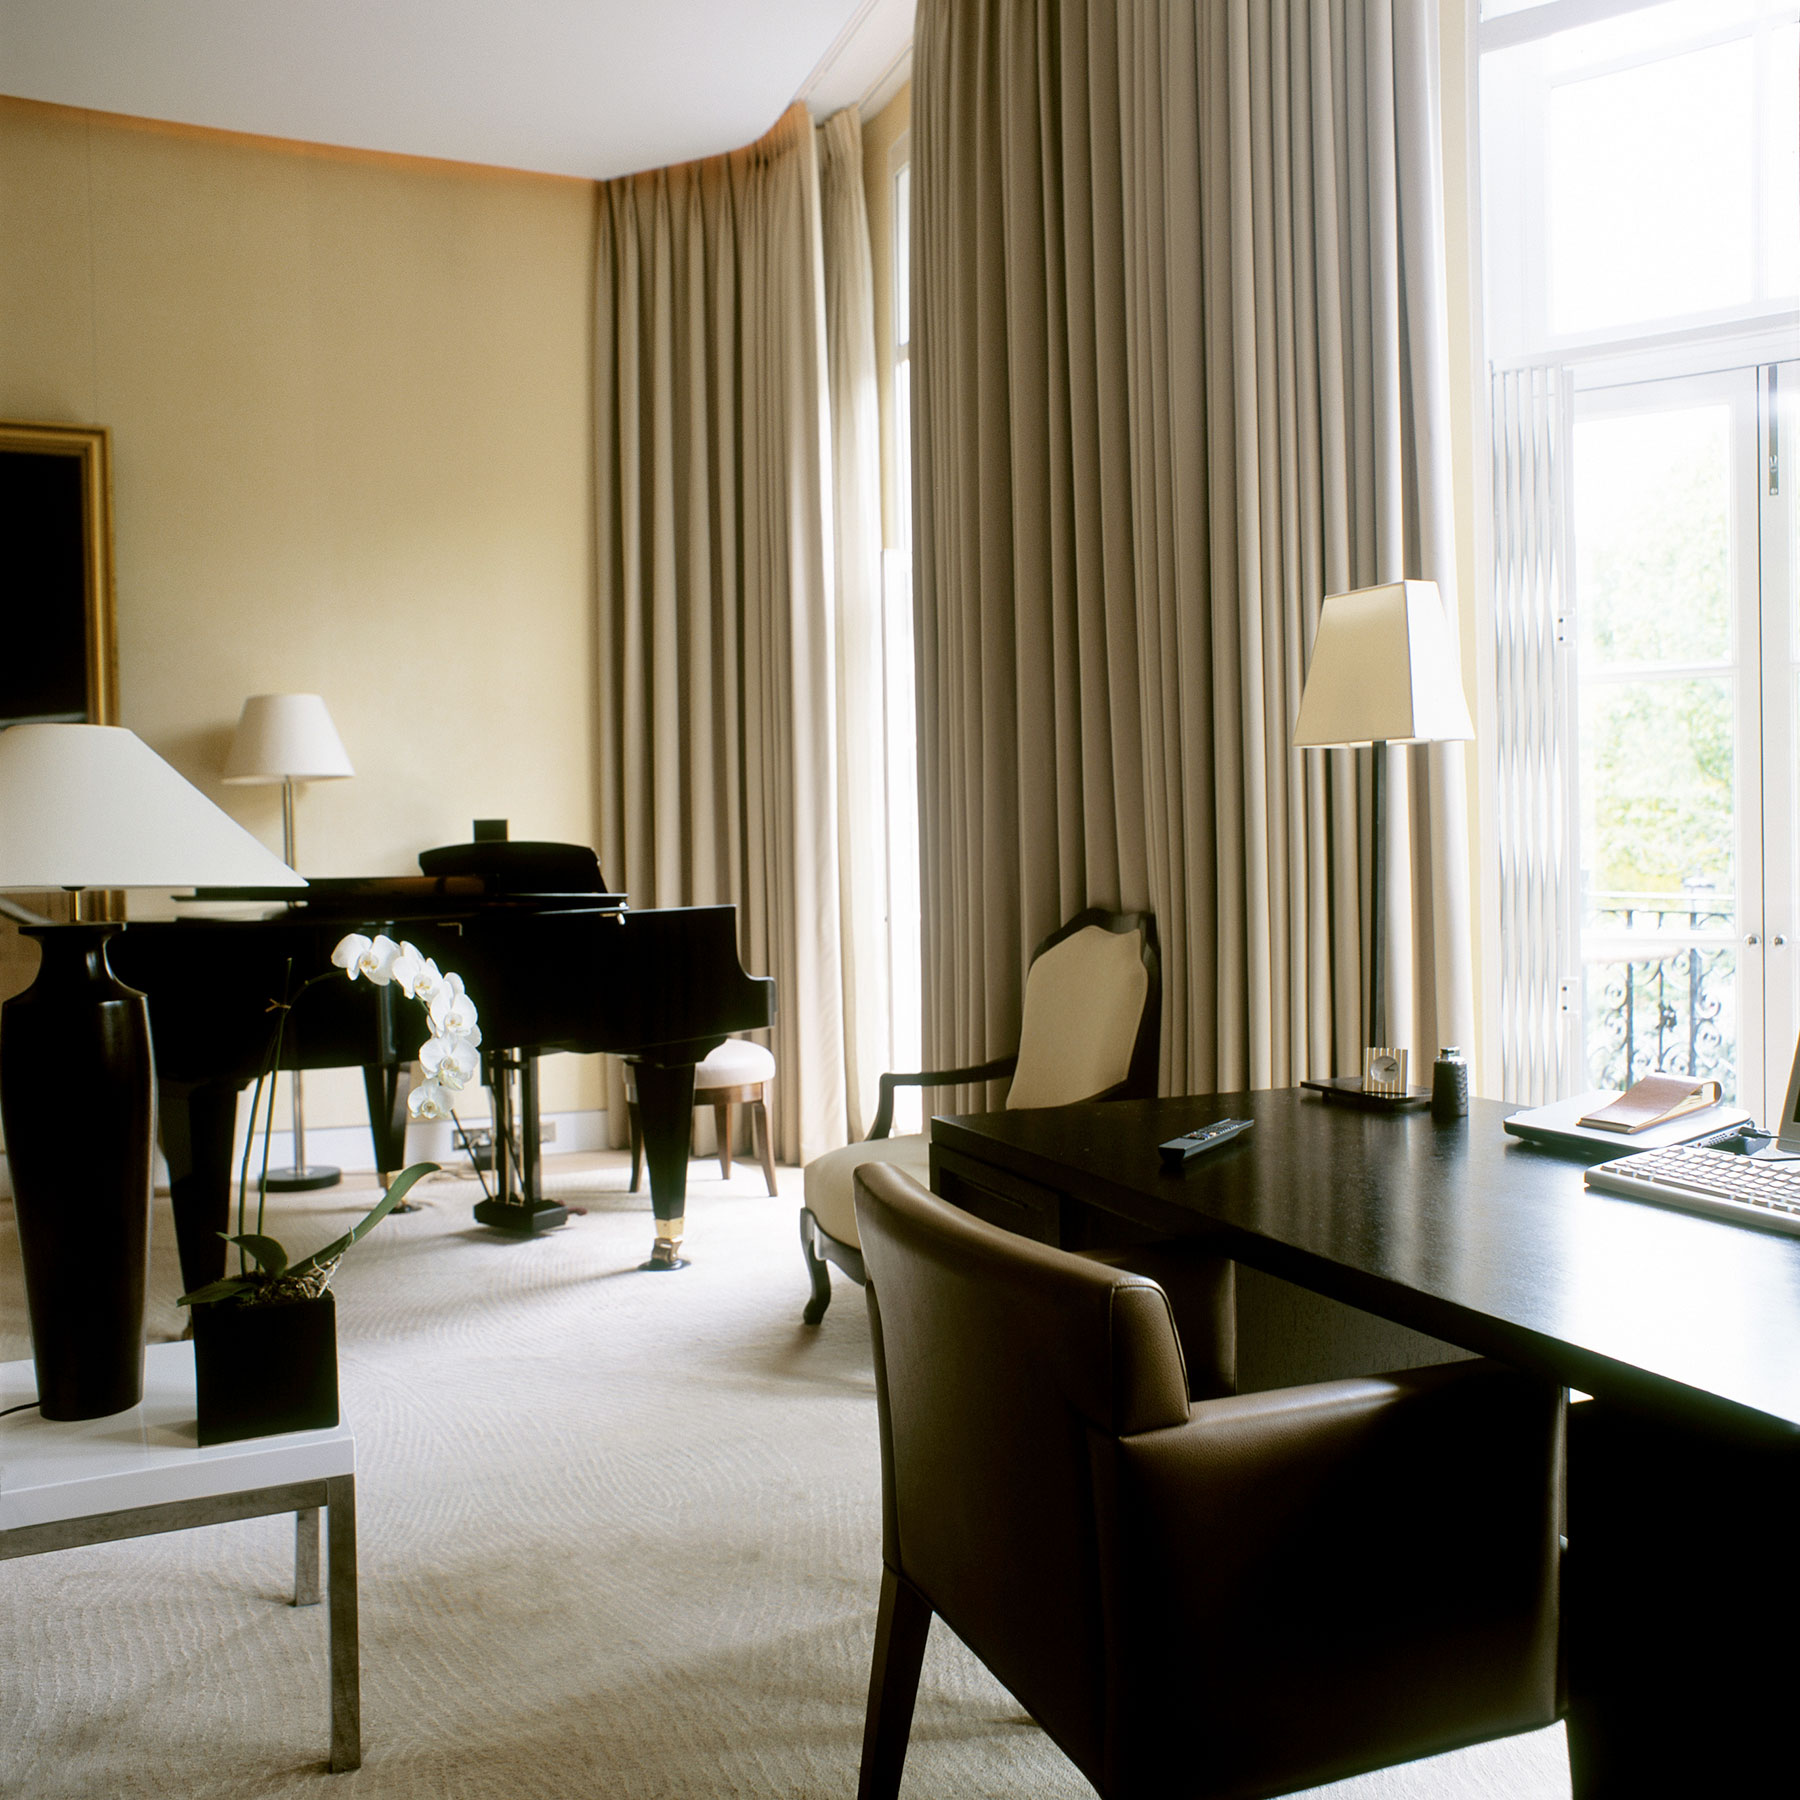 35 Modern Interior Design Ideas Incorporating Columns Into: Interior Design Company Work In Cadogan Square, London